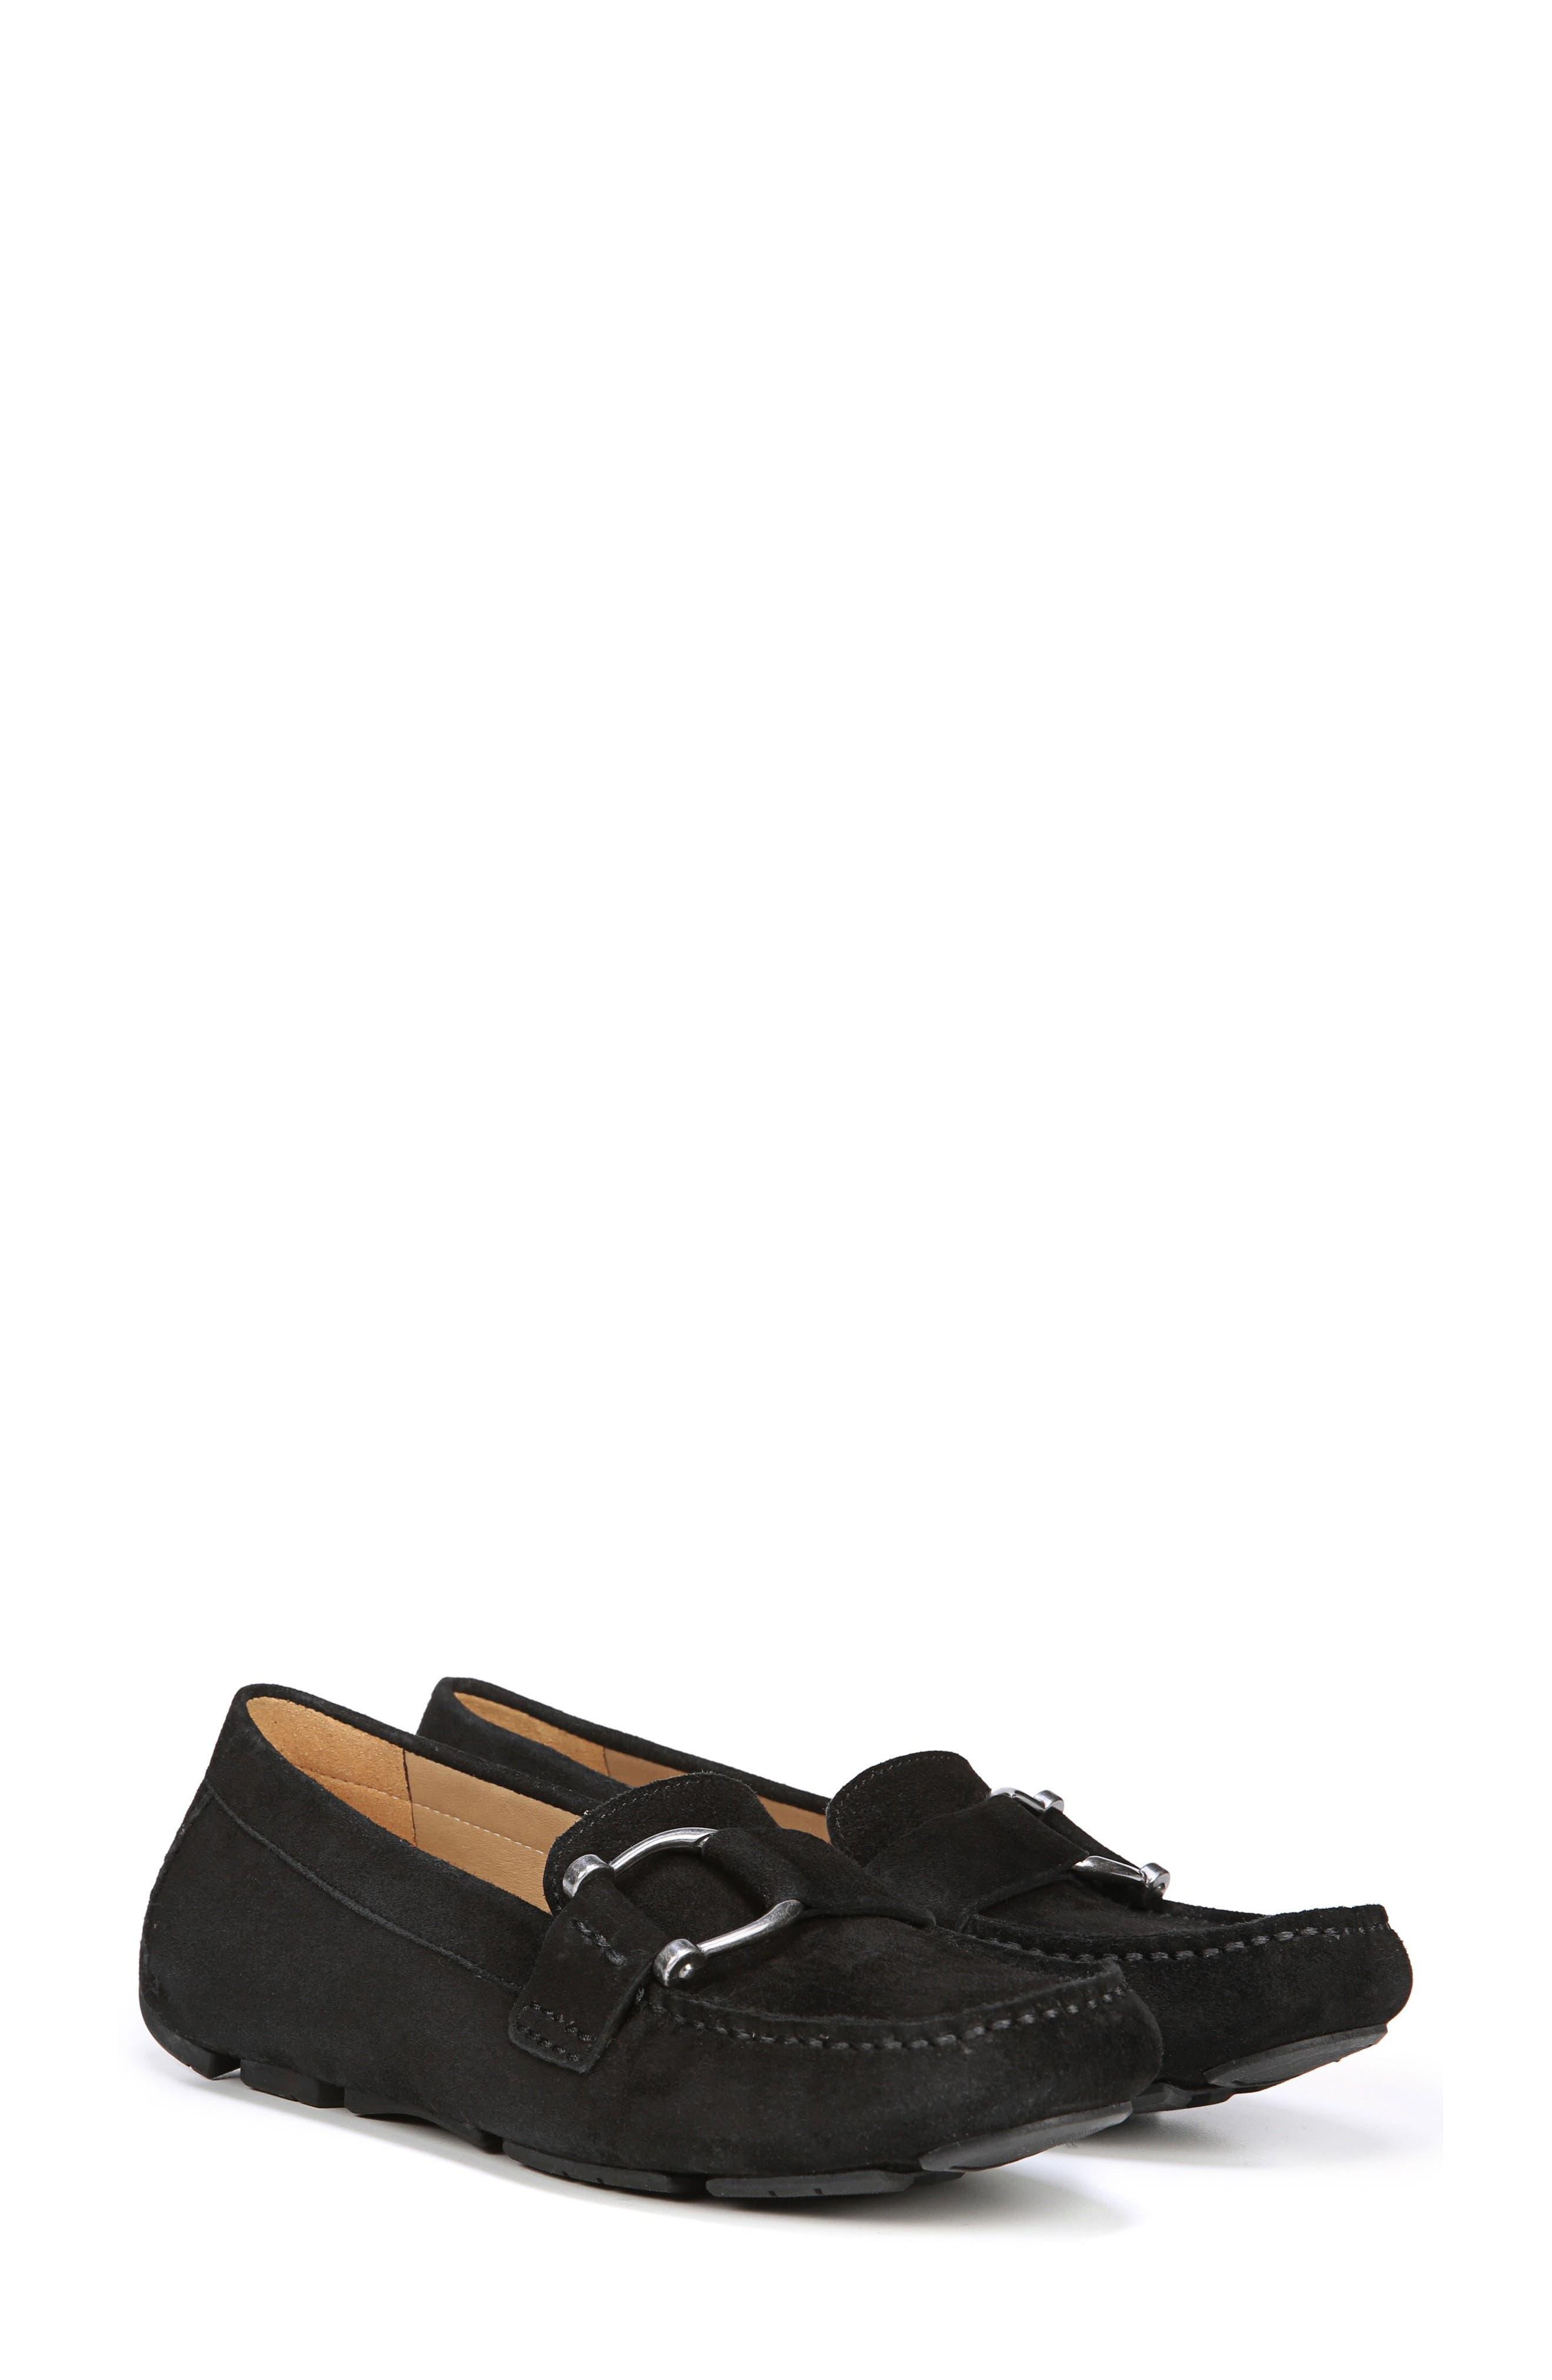 Nara Loafer,                             Alternate thumbnail 7, color,                             BLACK SUEDE